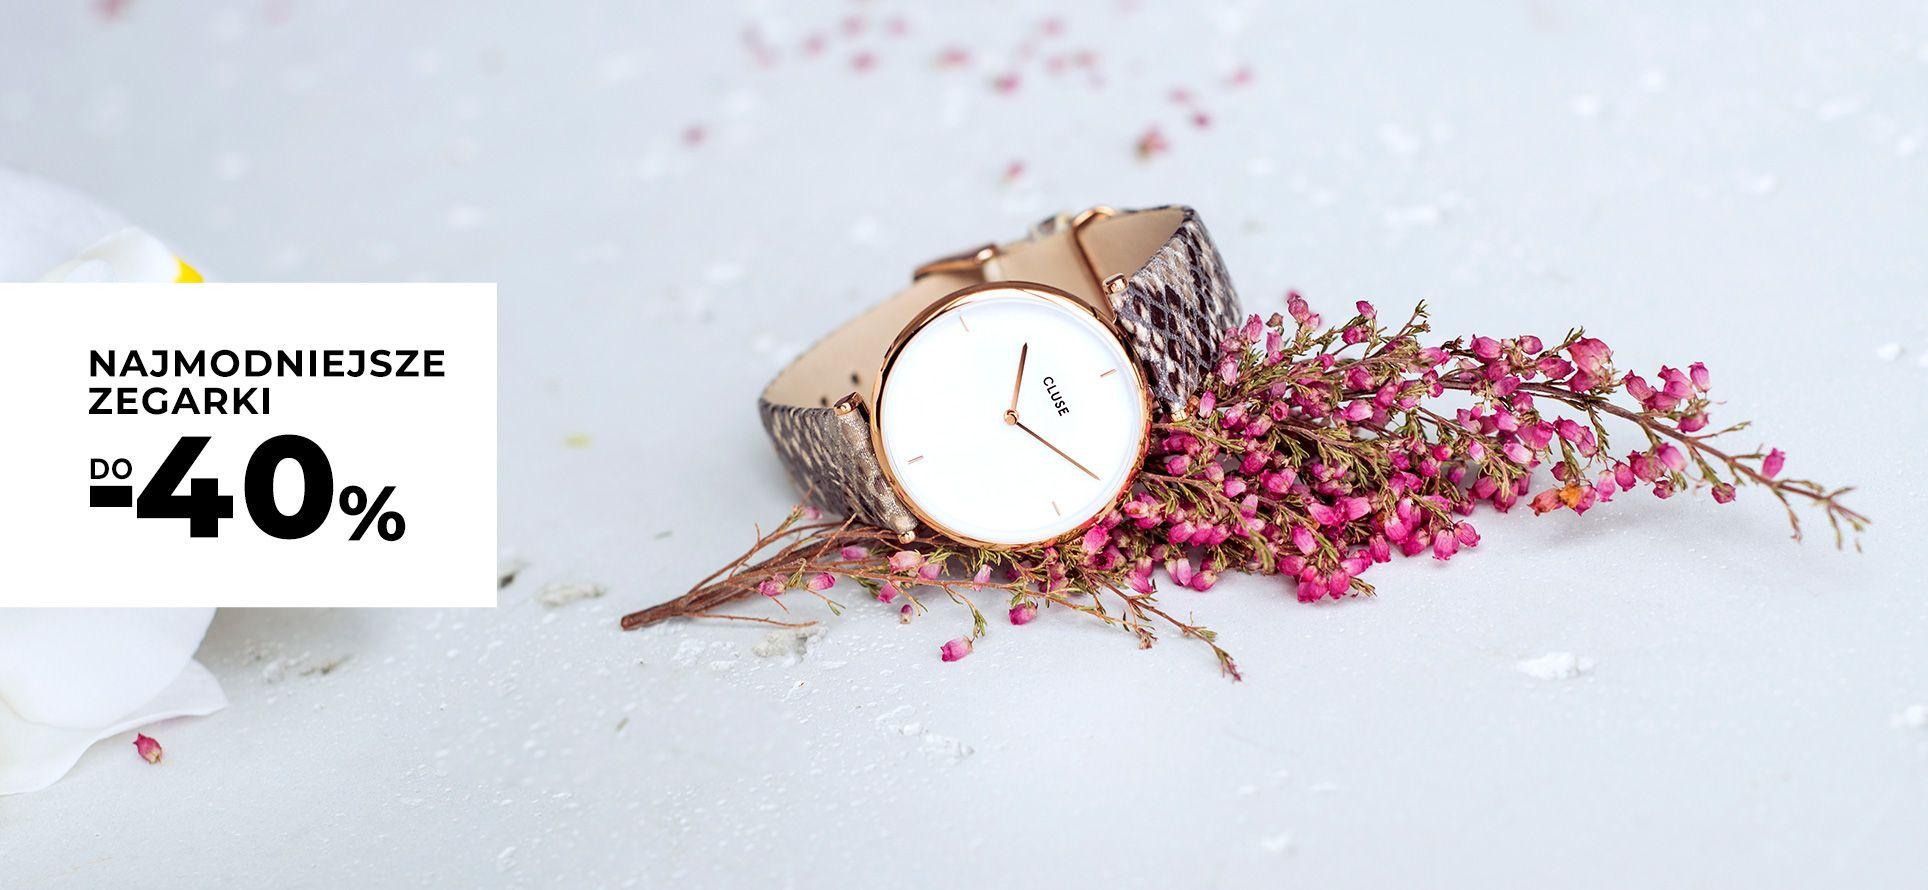 Picky Pica: do 40% zniżki na najmodniejsze zegarki